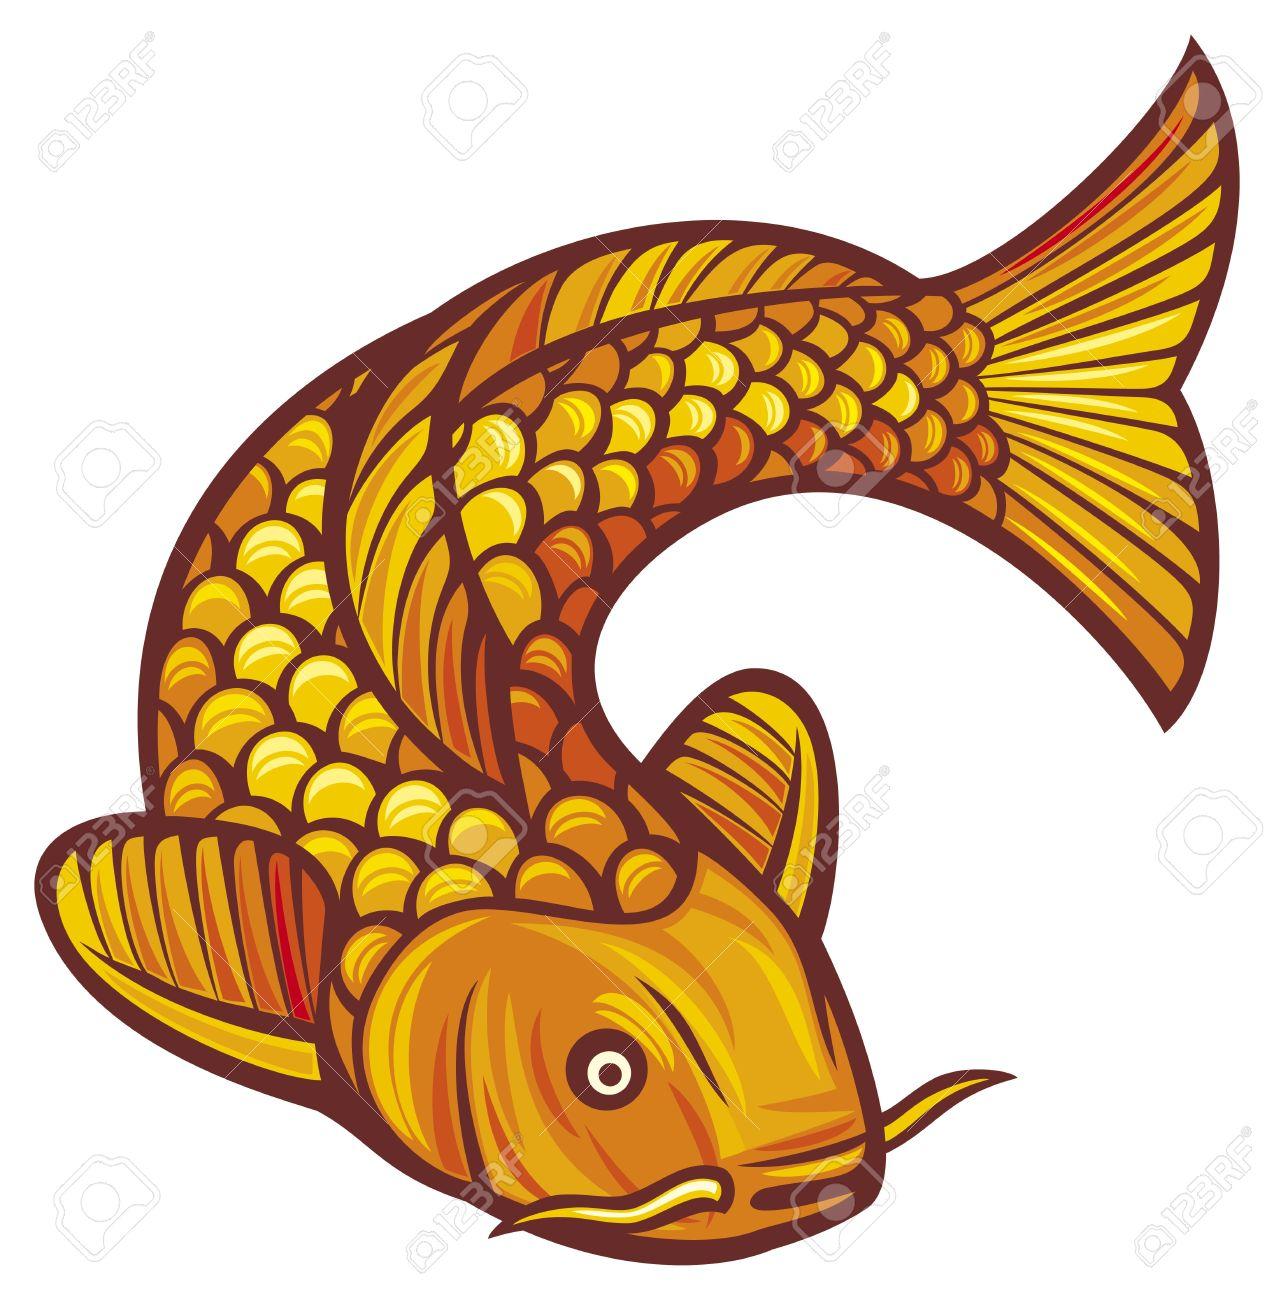 1,866 Koi Fish Stock Vector Illustration And Royalty Free Koi Fish.